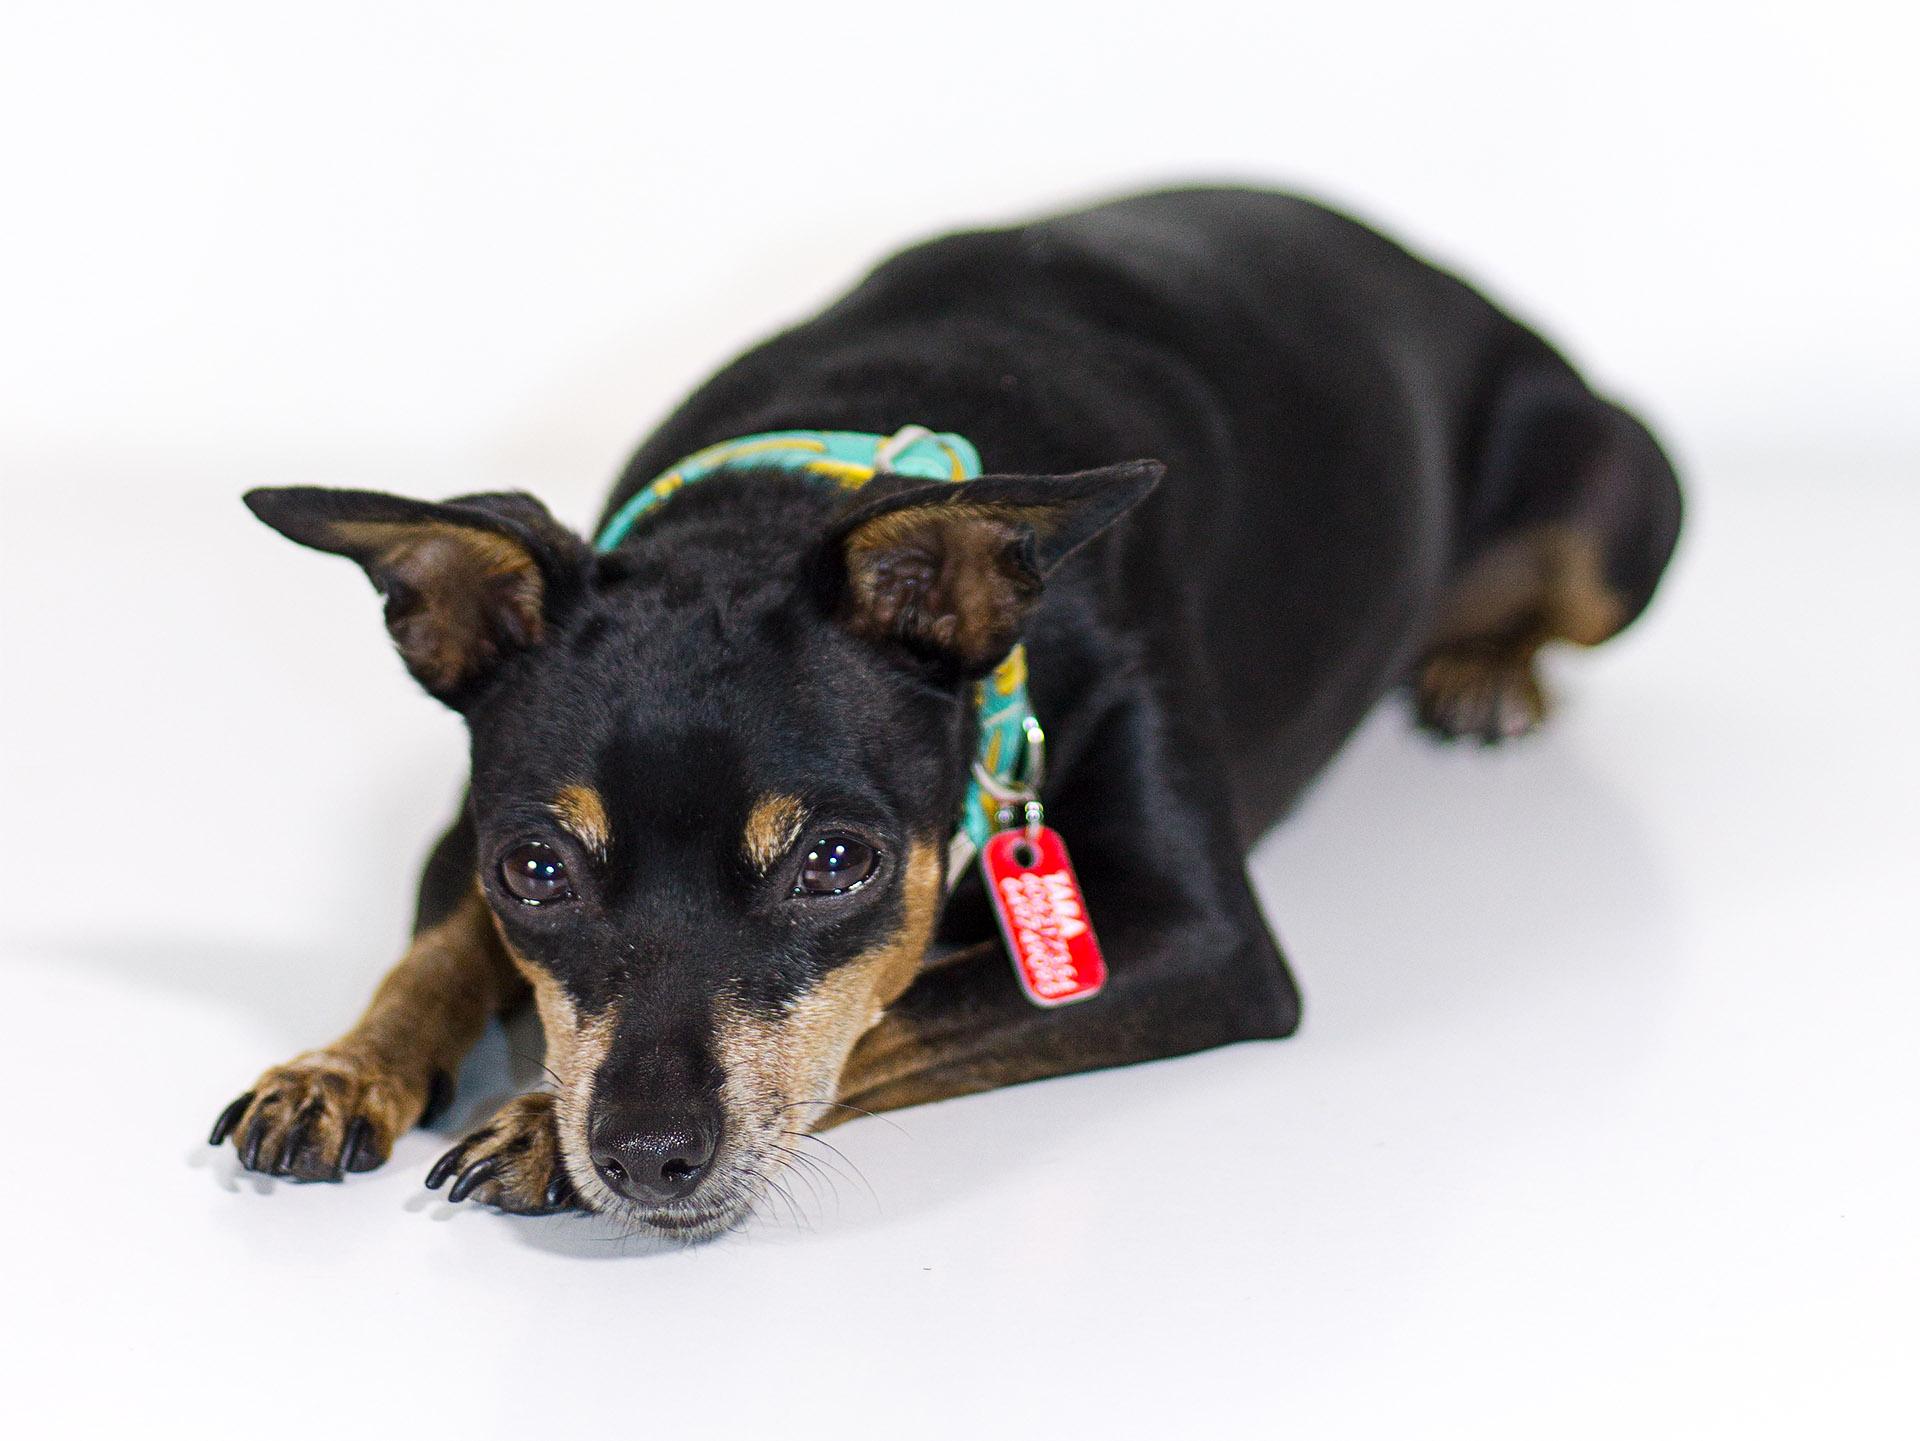 caninetto ropa y accesorios para perros urbanos. Diseño y